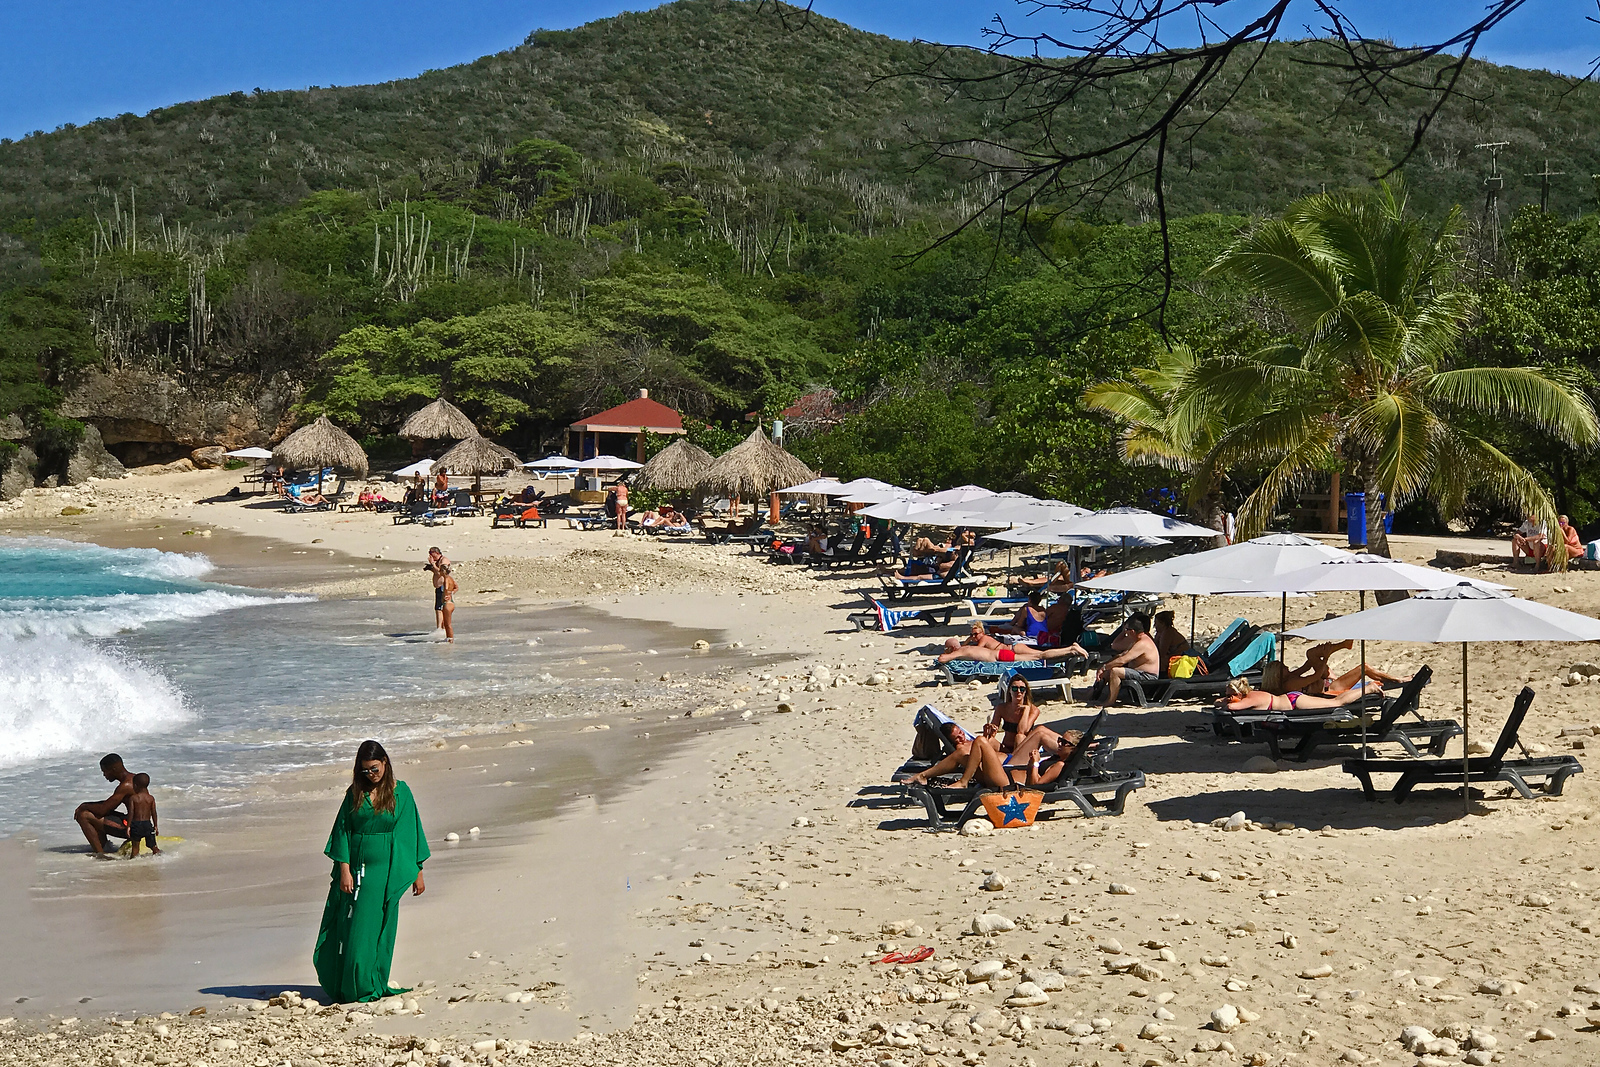 Beach along Curaçao's coast